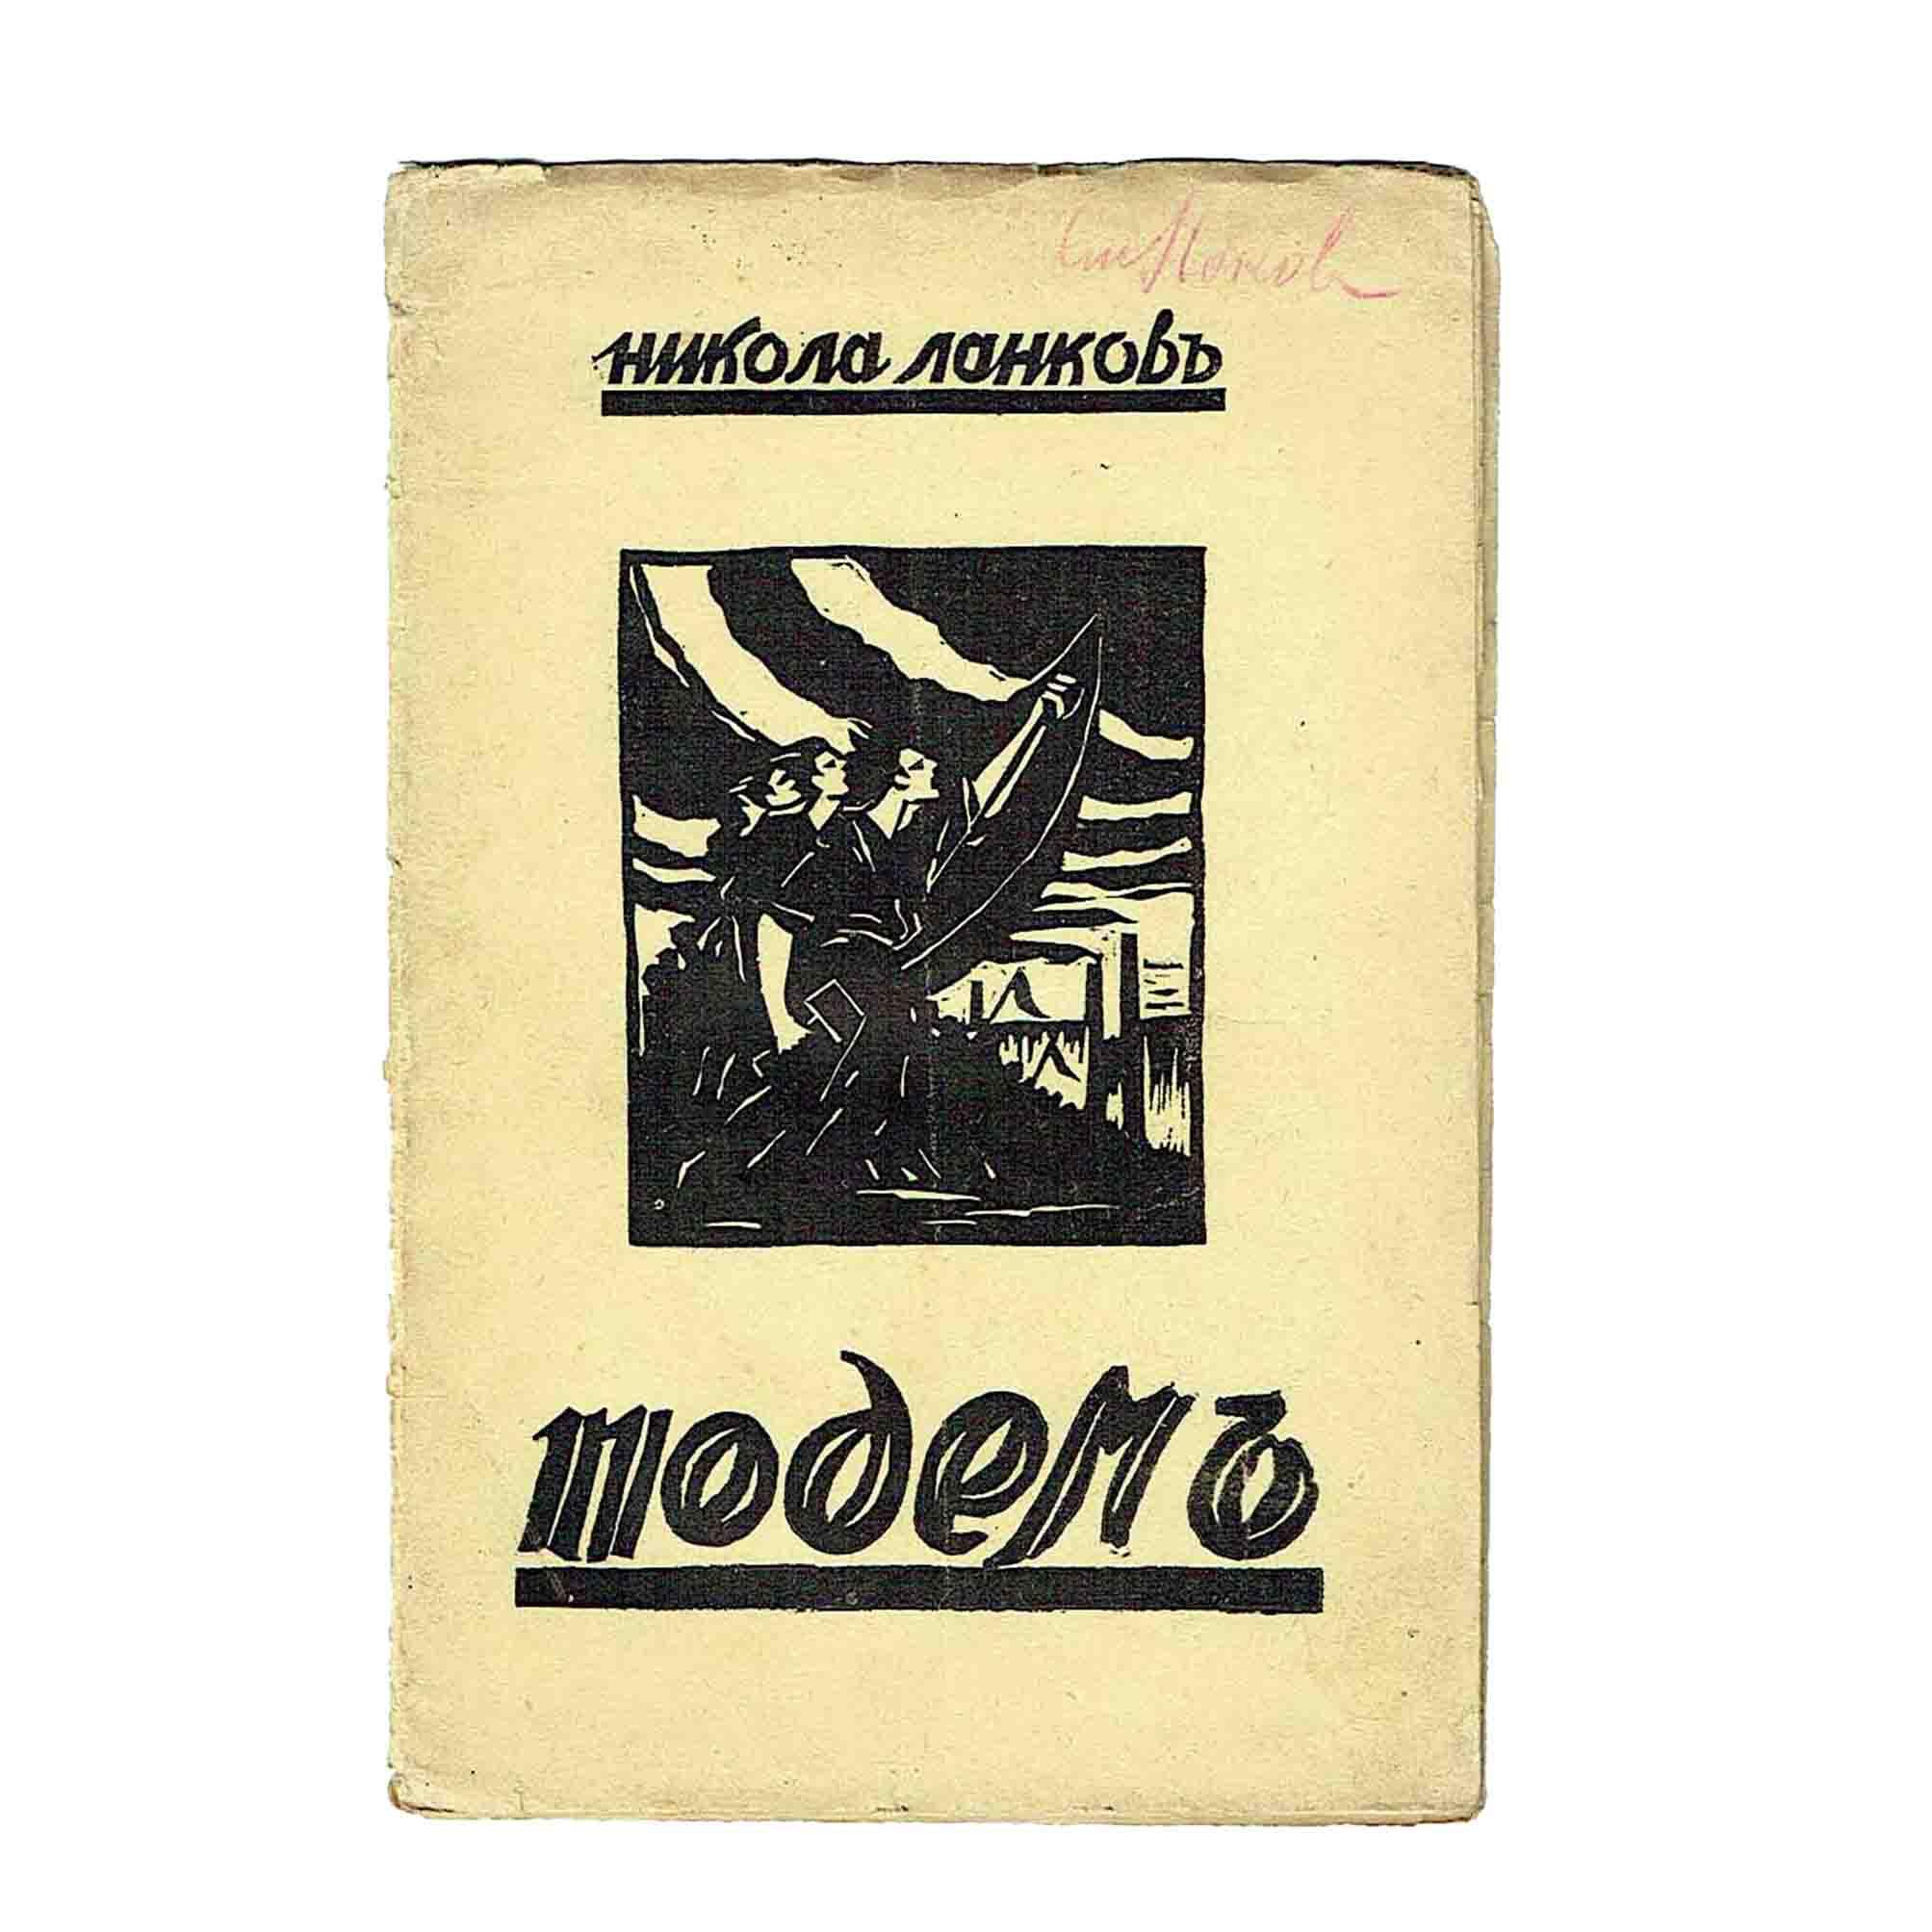 5856-Lankov-Barov-Podem-Aufstand-1931-Zensur-Umschlag-frei-N.jpg